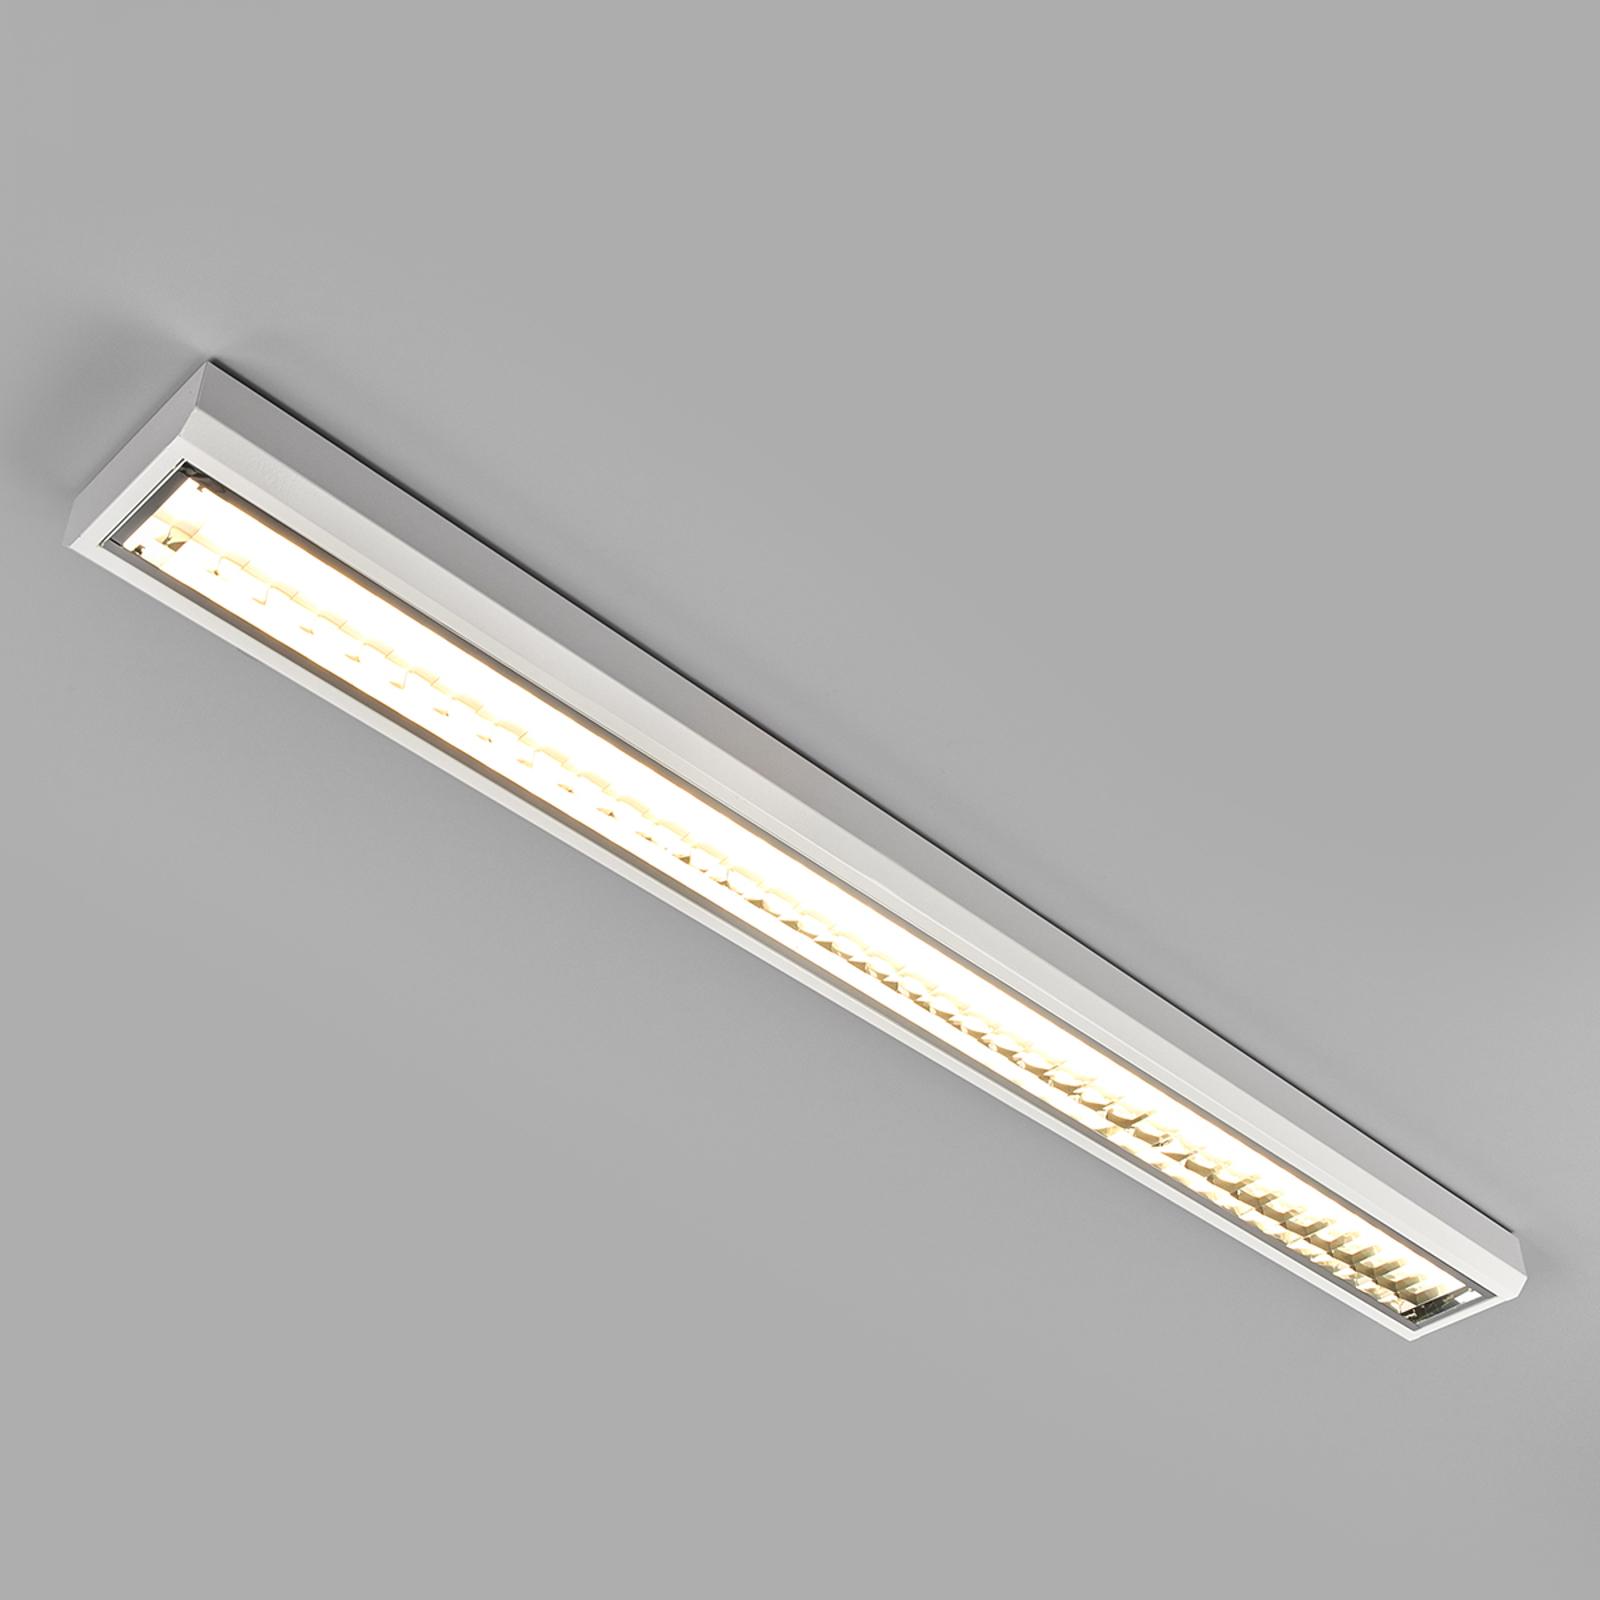 LED-rastertaklampa kontor, 33W, 4.000 K